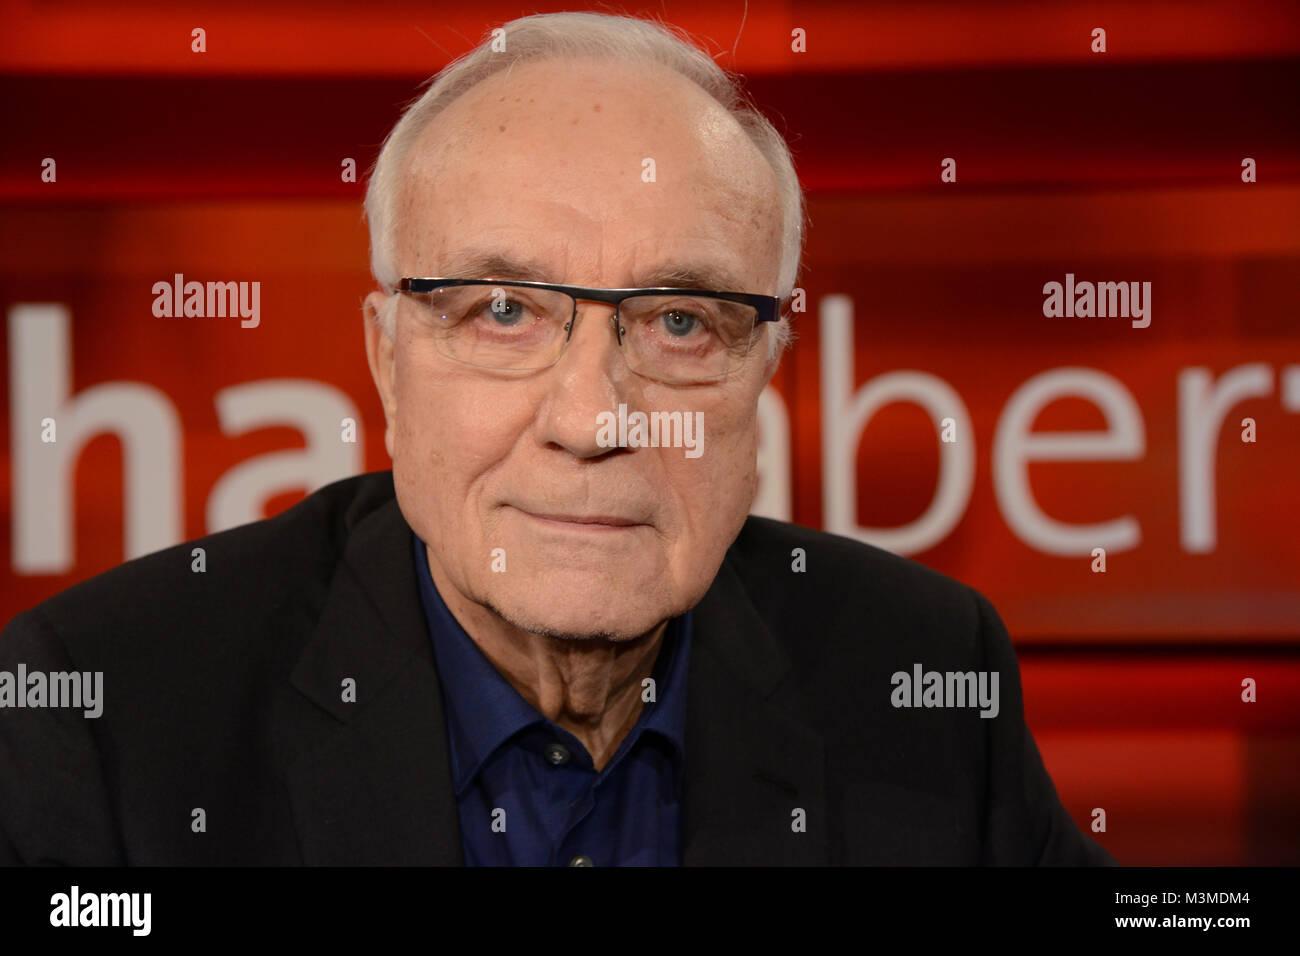 Fritz Pleitgen Journalist und ehemaliger WDR Intendant im PortrŠt als Gast in der wšchentlichen ARD Talkshow Hart - Stock Image